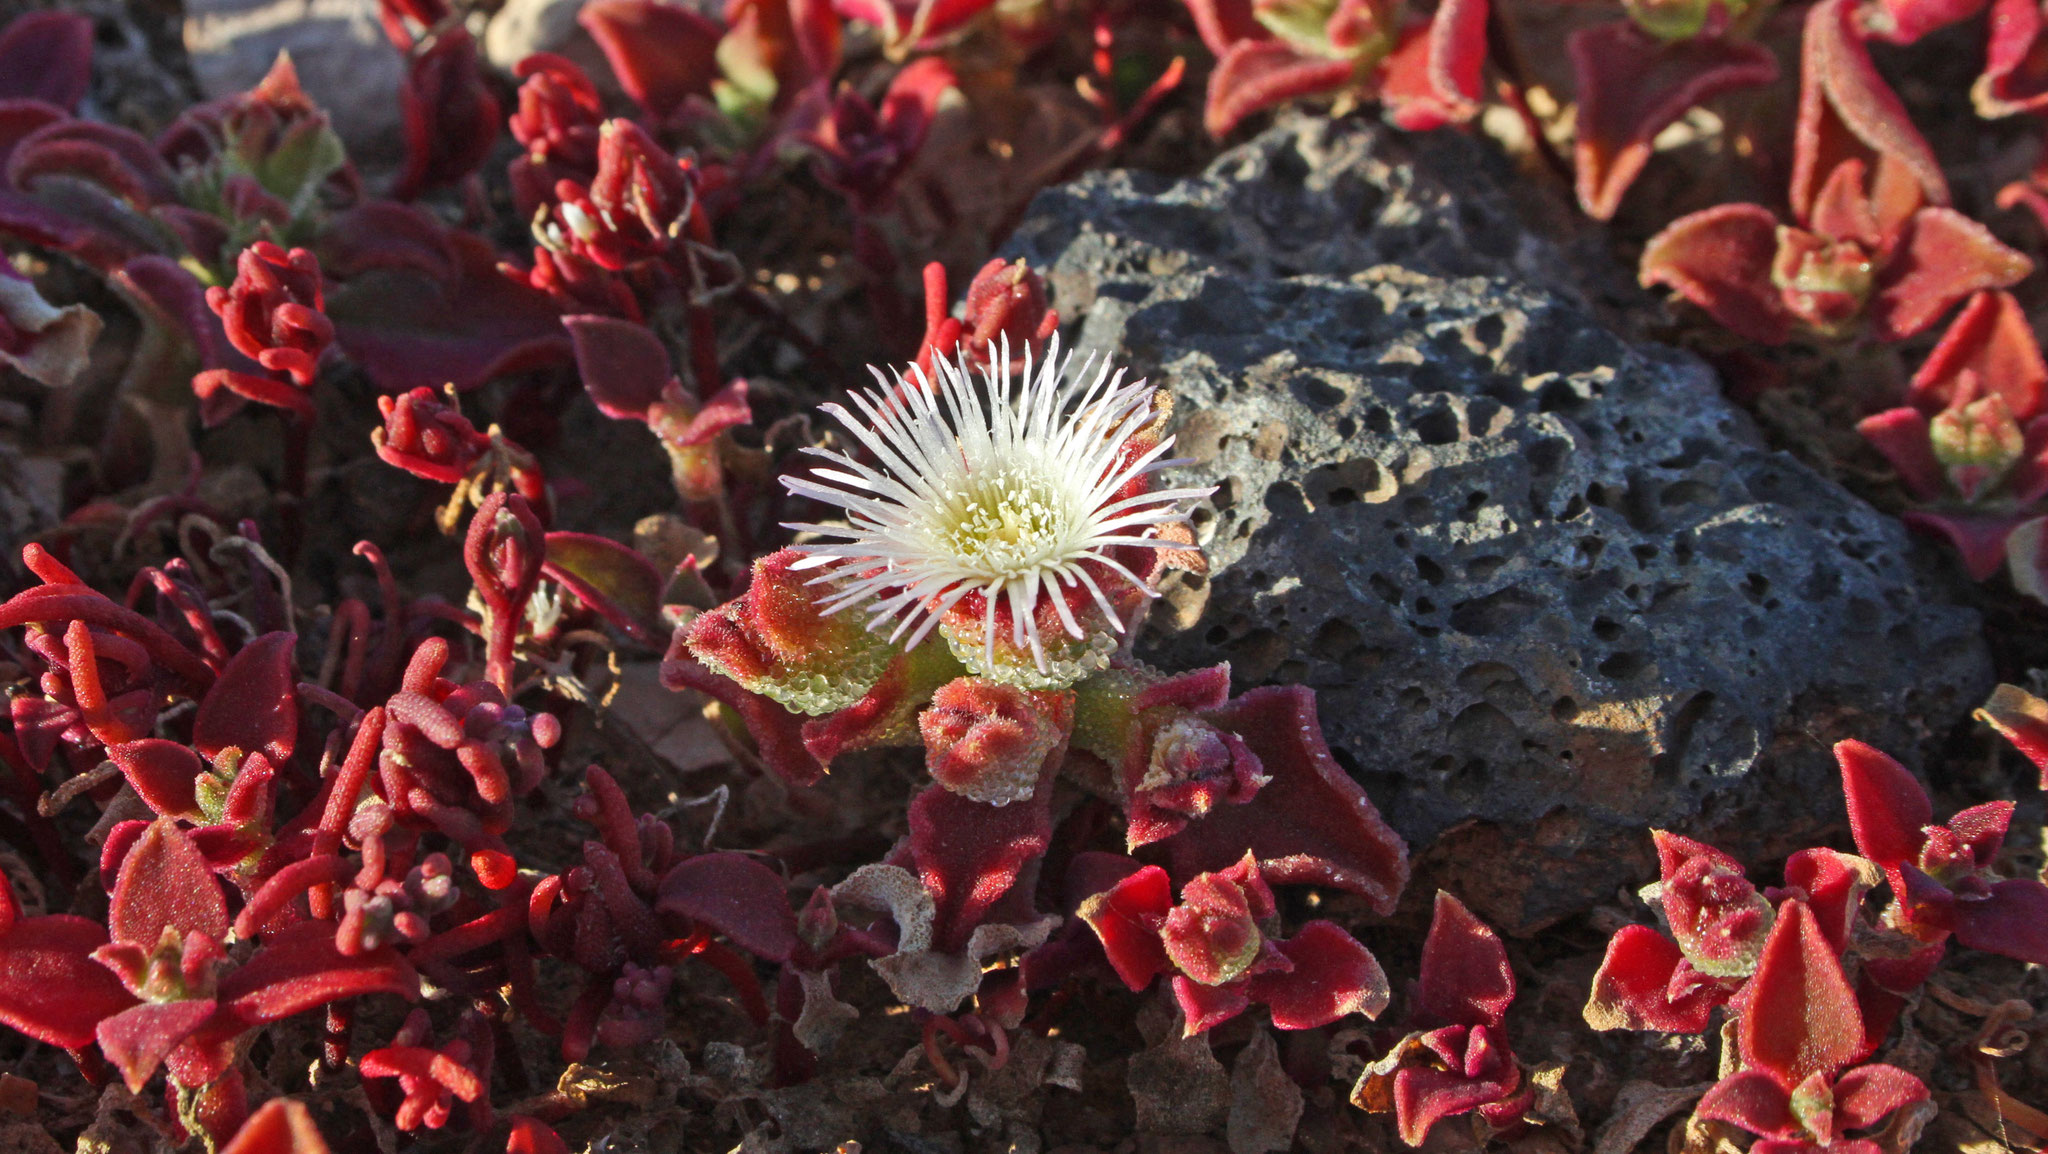 ... und das Eiskraut (Mesembryanthemum crystallinum), deren Blätter sind mit glasigen Kügelchen besetzt, die wie Eiskristalle aussehen wirken, daher der Name